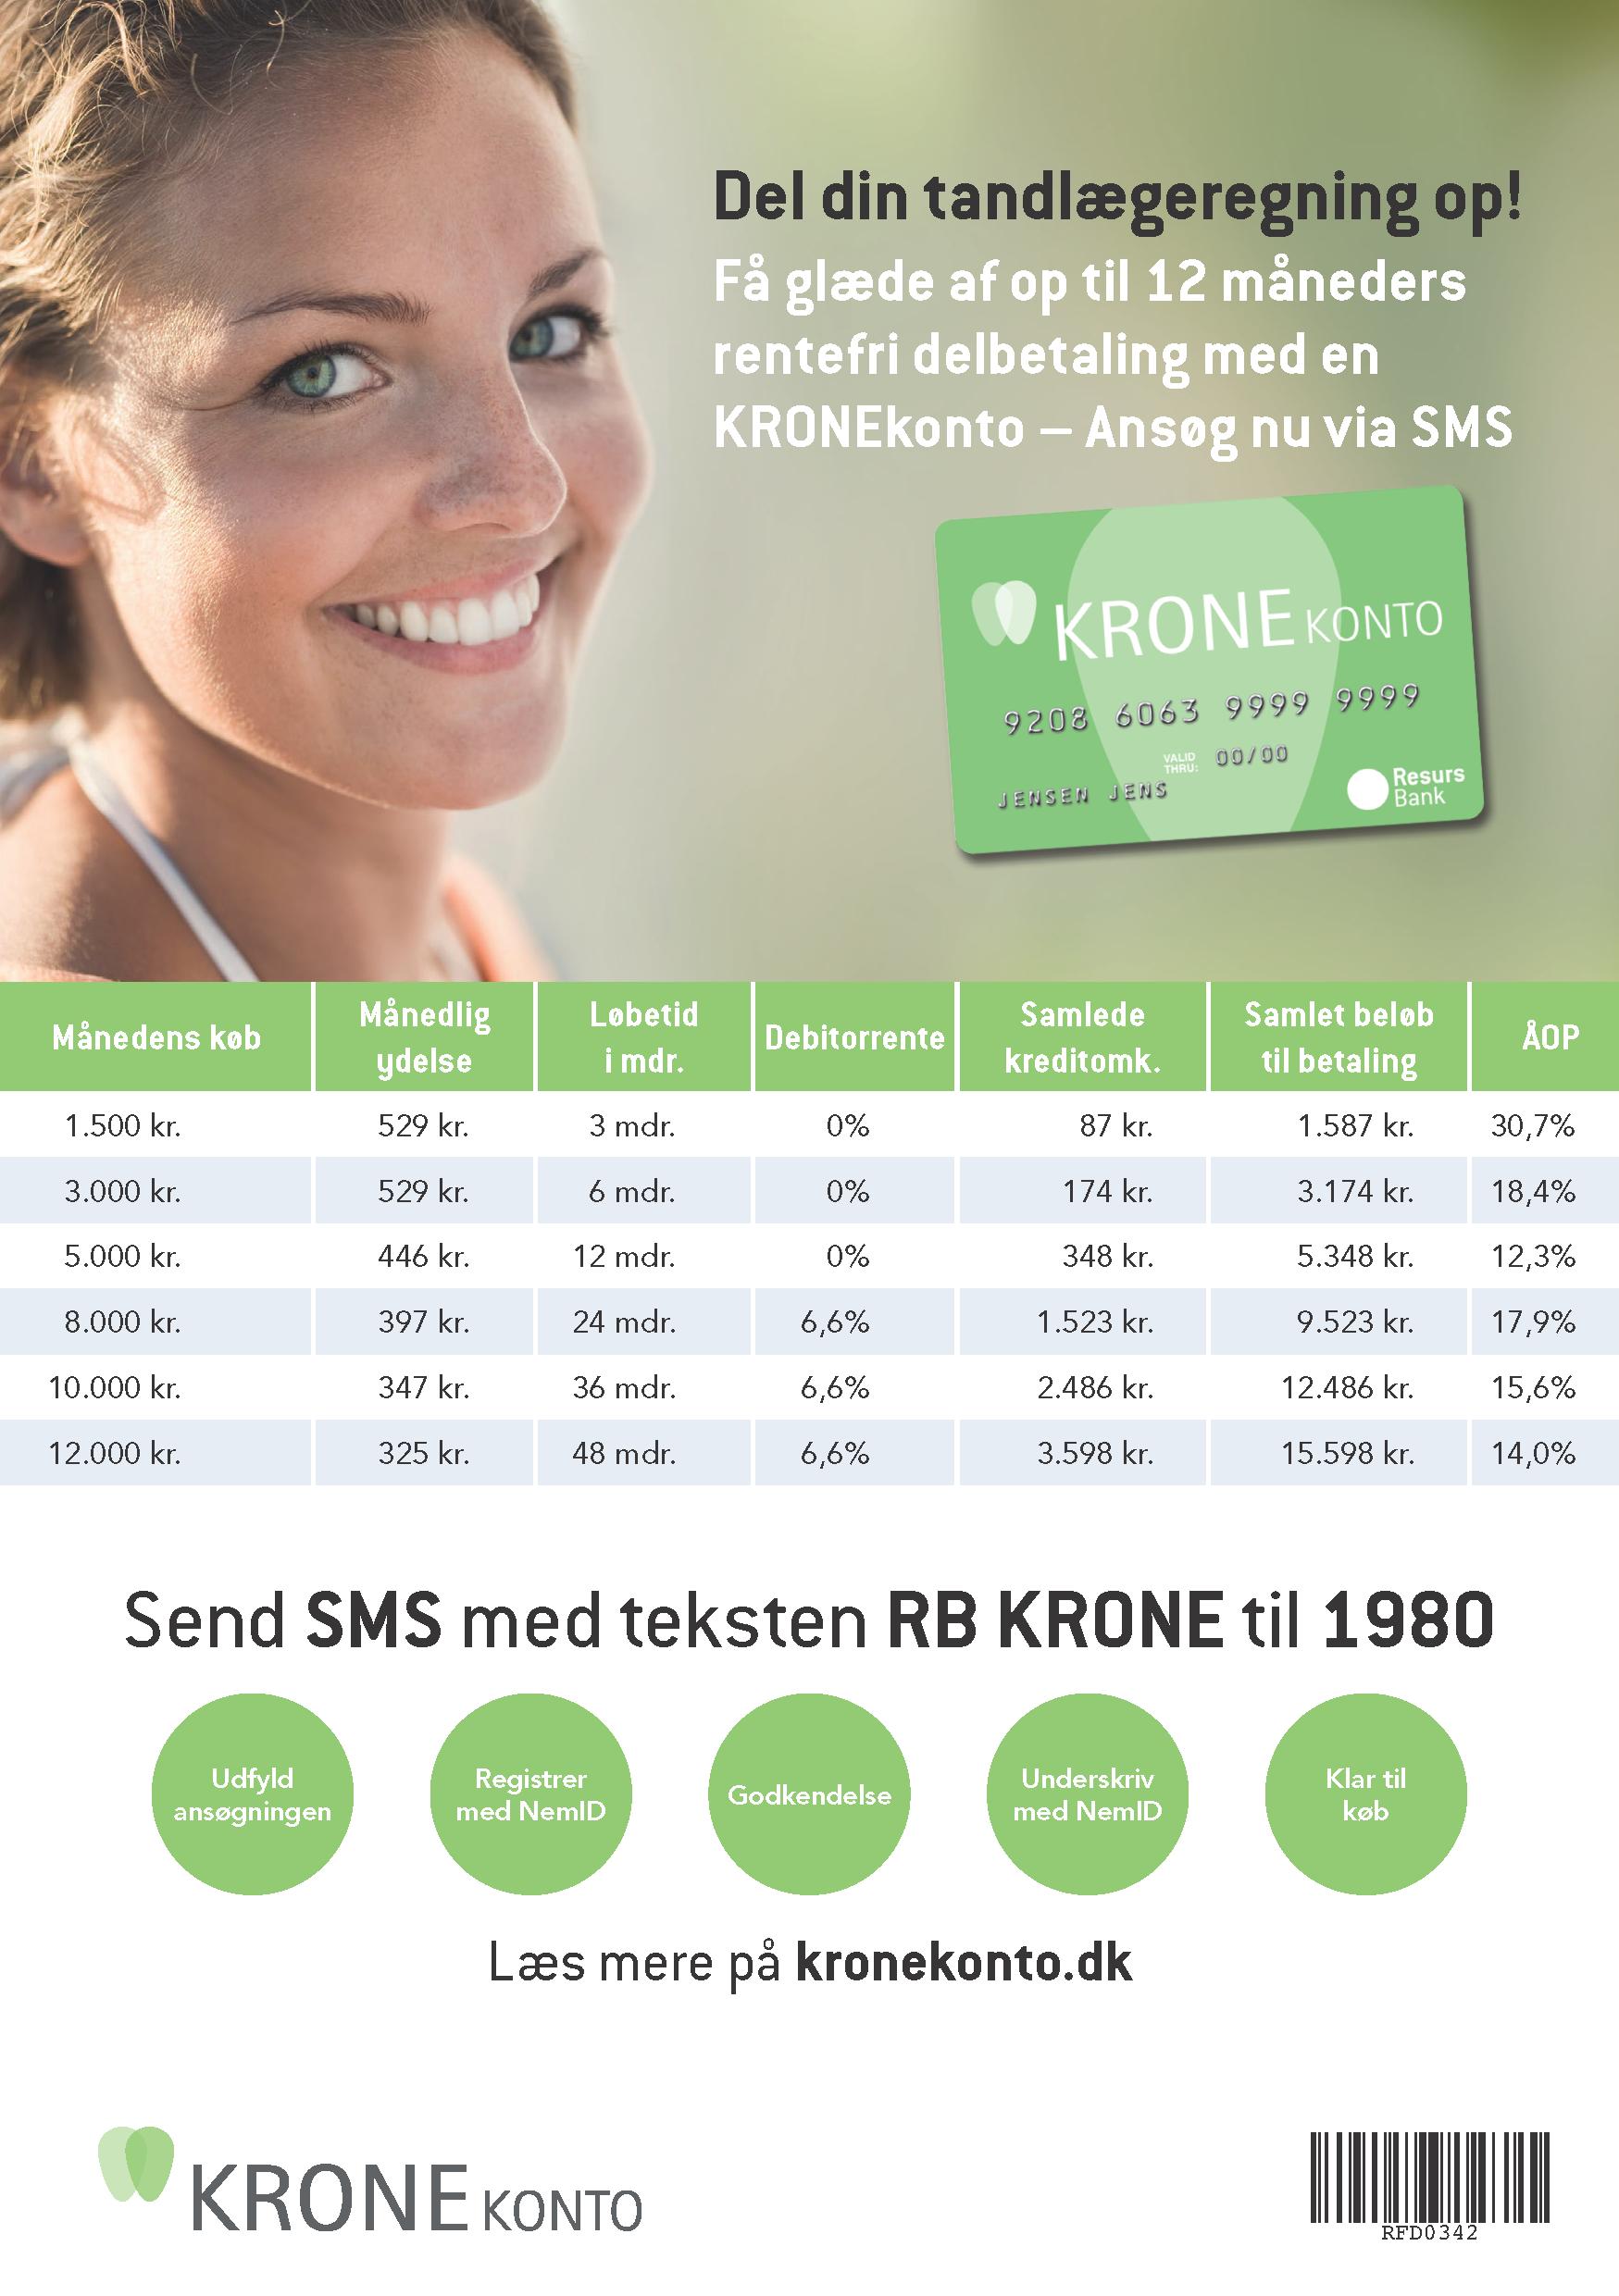 Krone konto patient information.